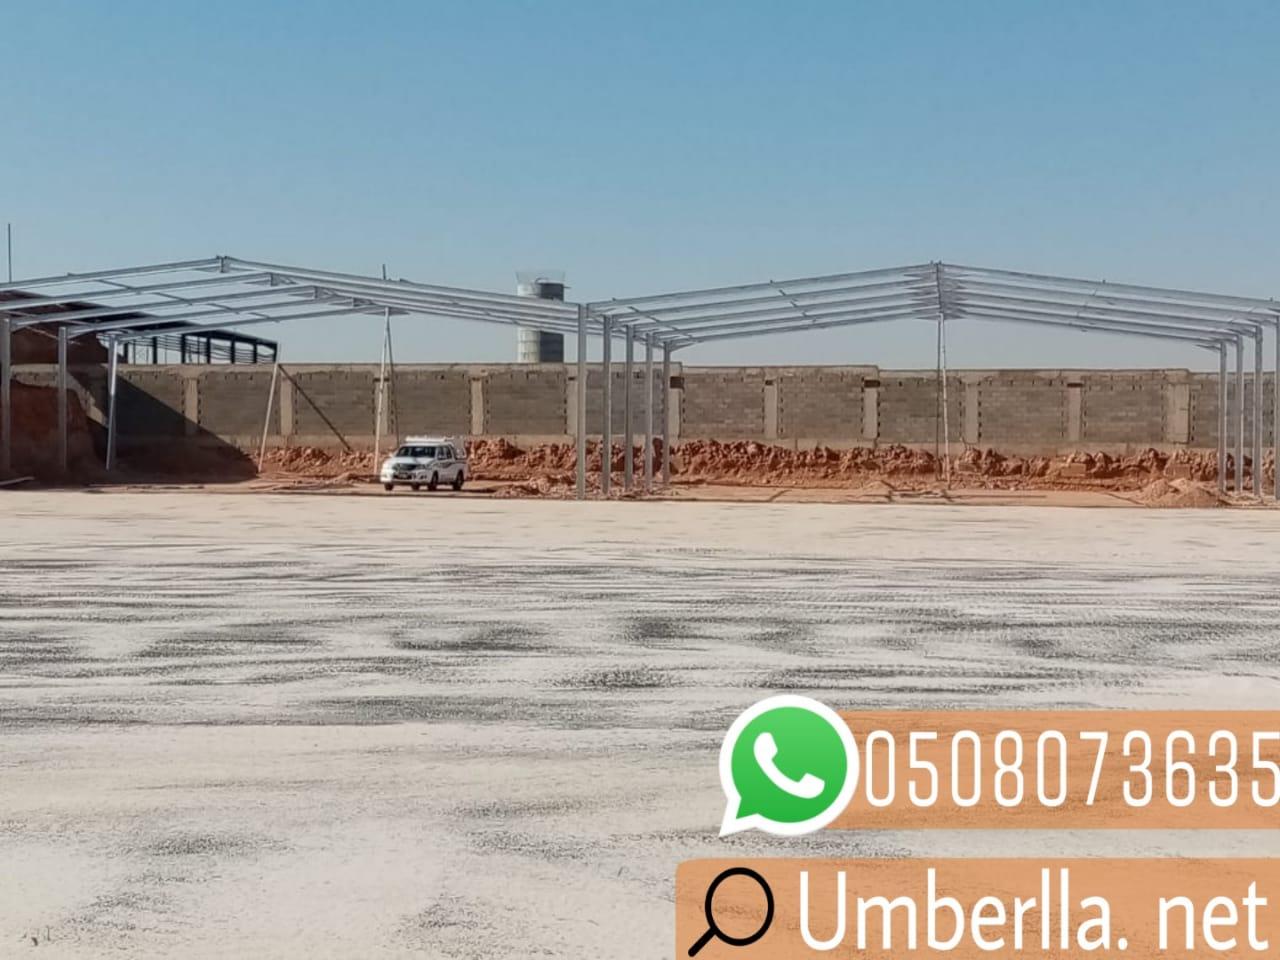 بناء هناجر , 0508073635 , , مشاريع مستودعات و هناجر , مقاول هناجر الرياض  , P_1655z2jgf4